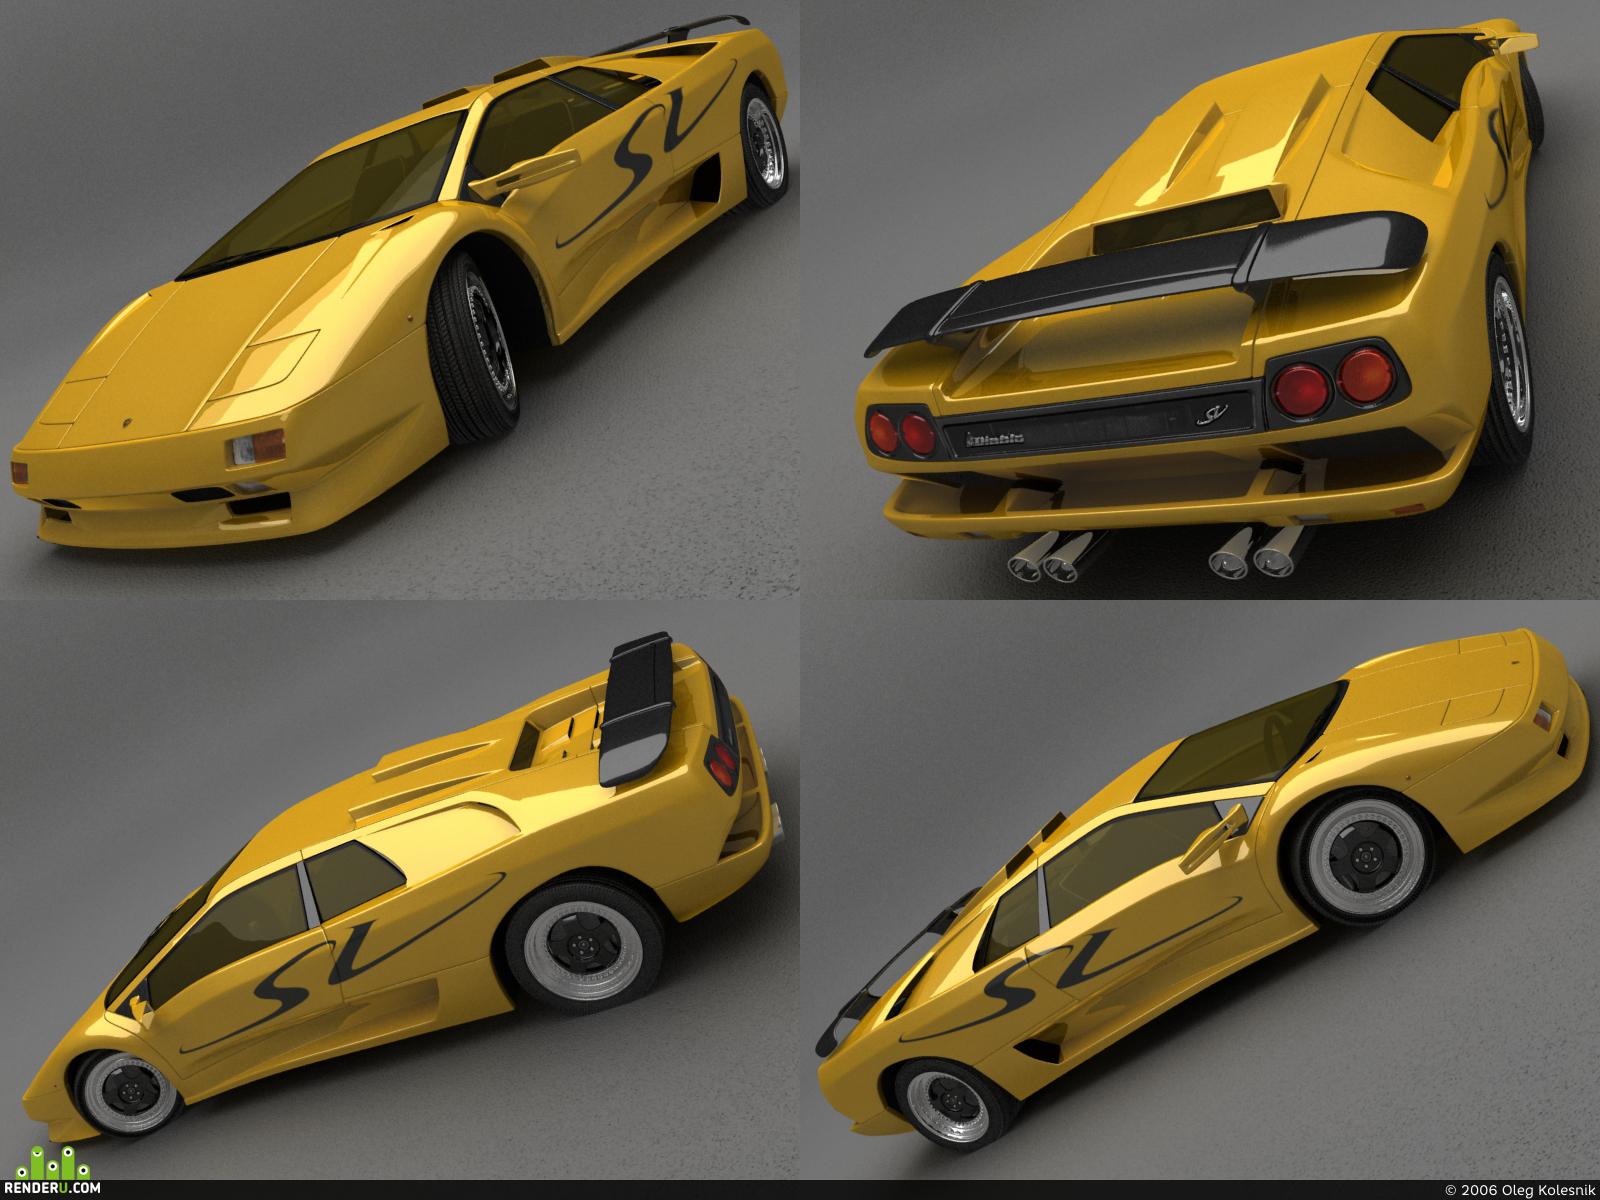 preview Lamborghini Diablo SV (remake)